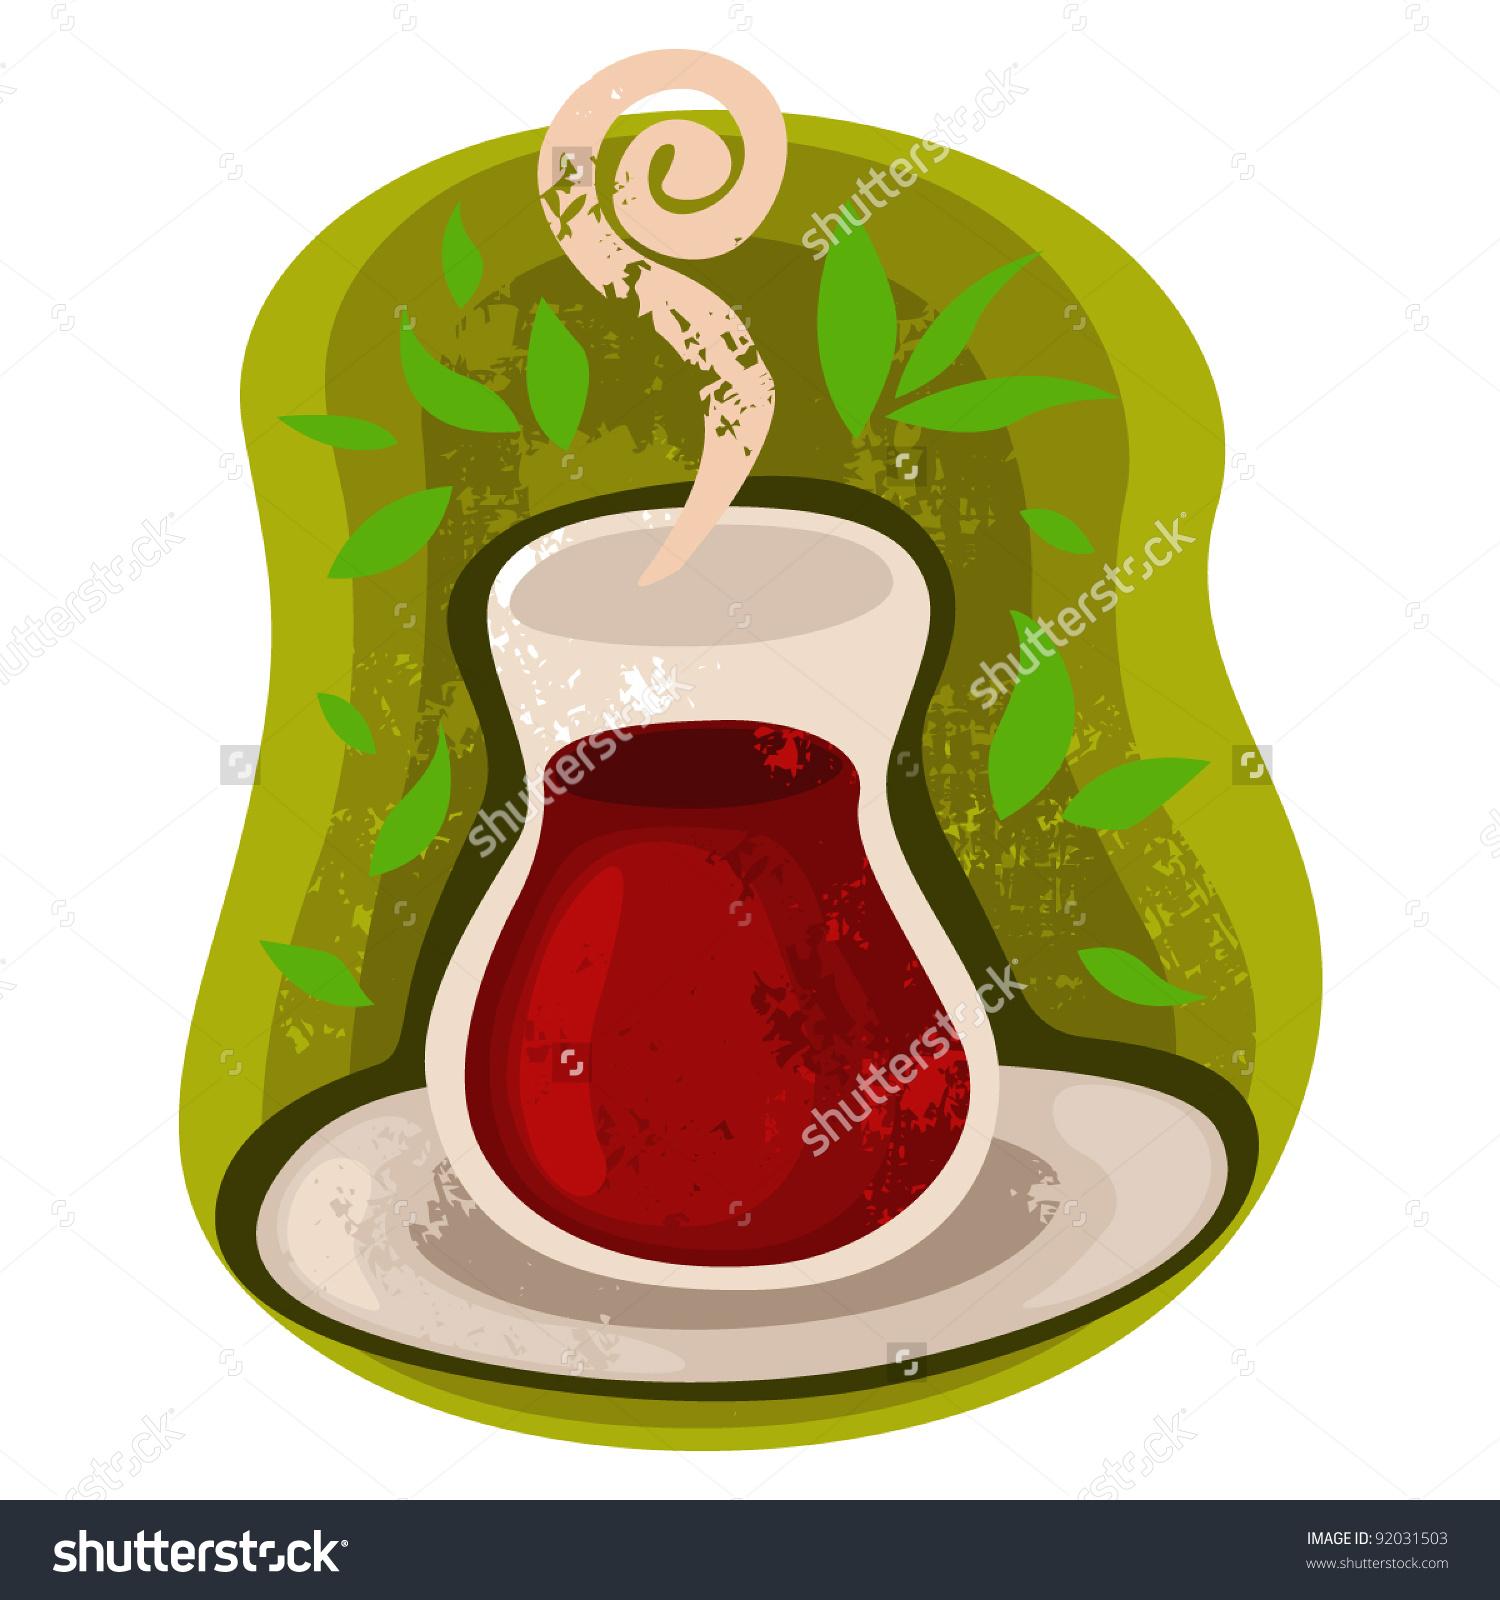 Glass Of Turkish Tea Stock Vector Illustration 92031503 : Shutterstock.